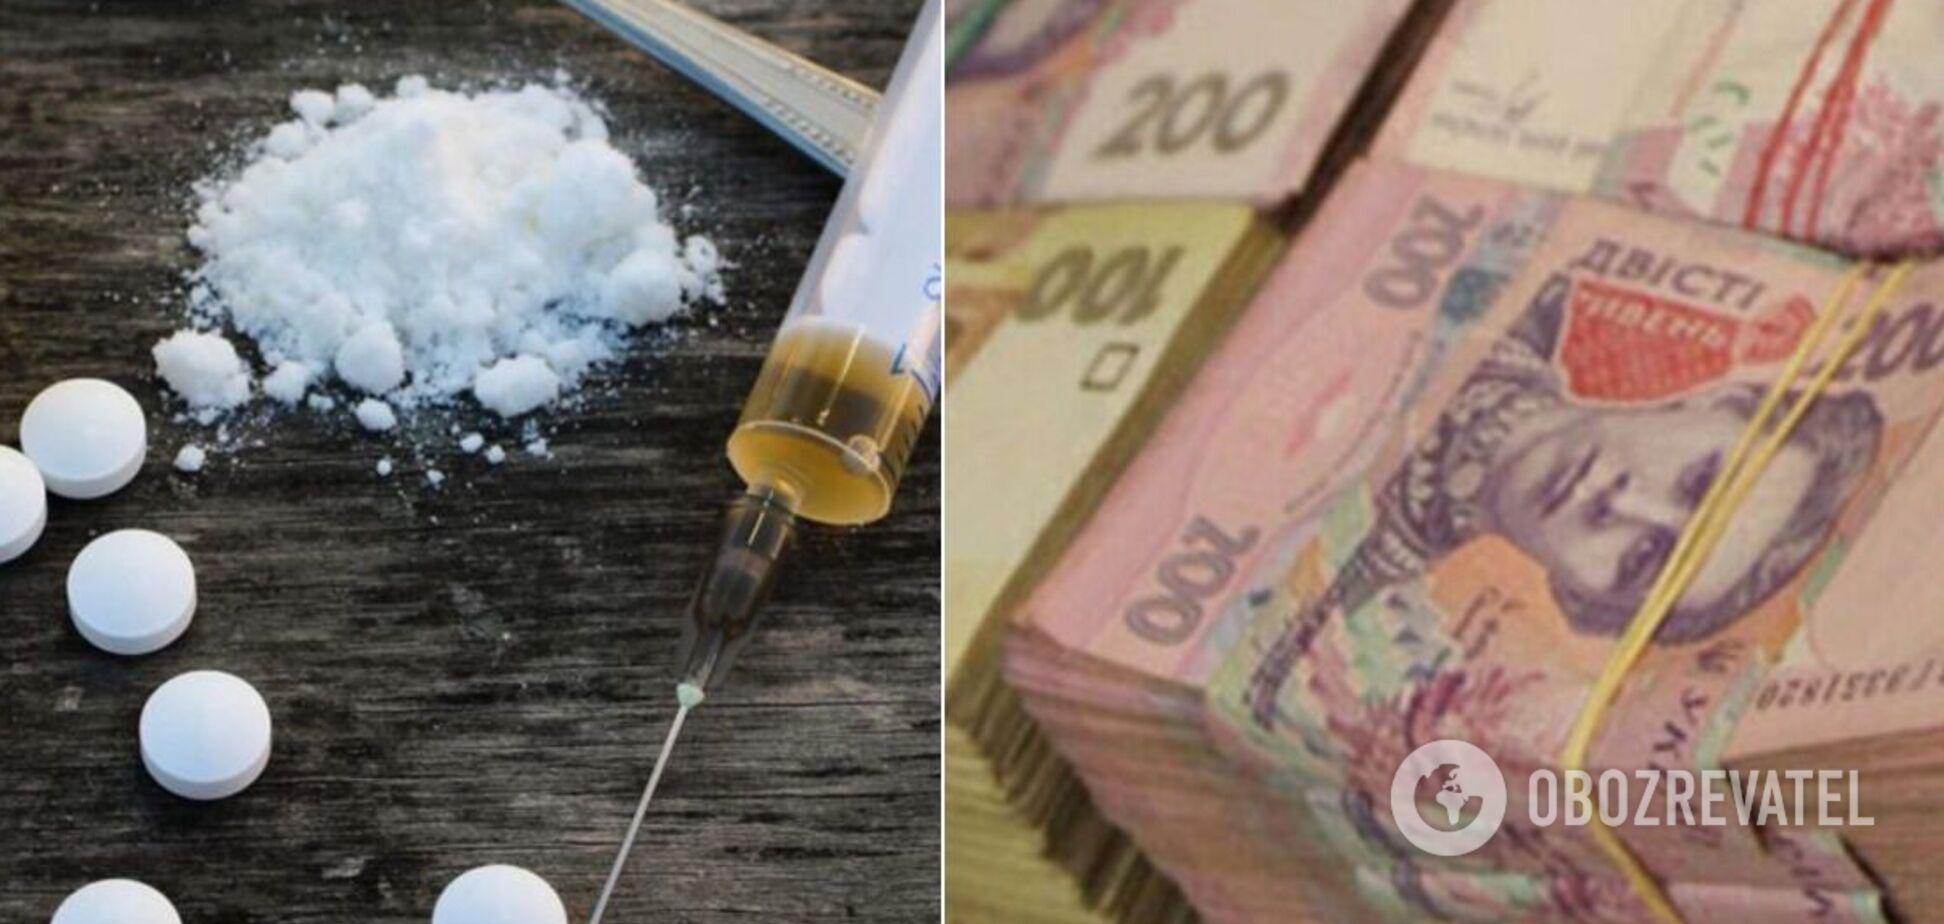 Офис генпрокурора Украины конфисковал 195 млн гривен у банды наркоторговцев